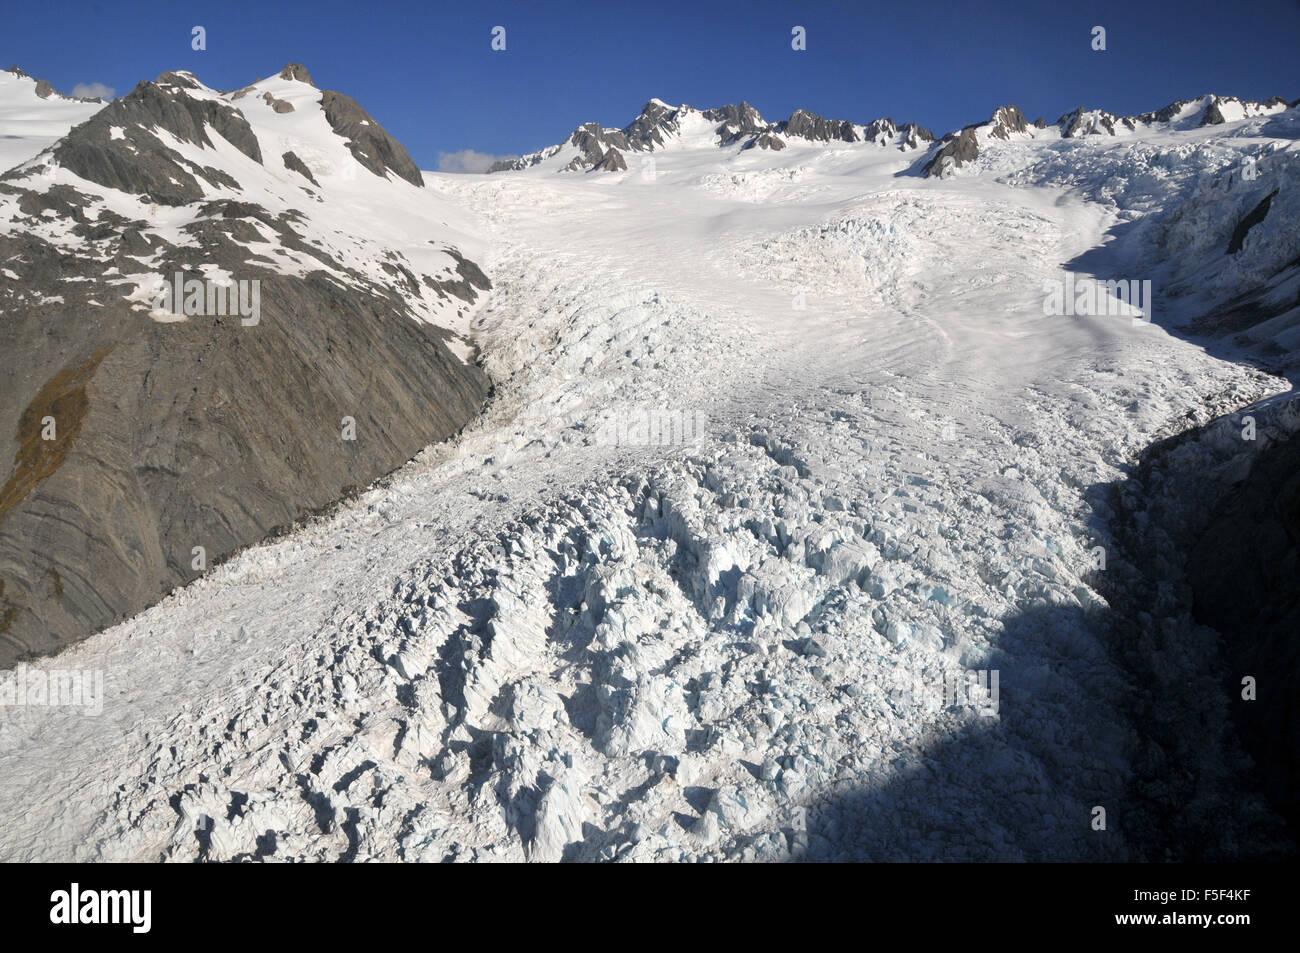 Franz Josef Glacier, einem Gletscher schmelzen aufgrund des Klimawandels, Franz Josef, Südinsel, Neuseeland Stockbild